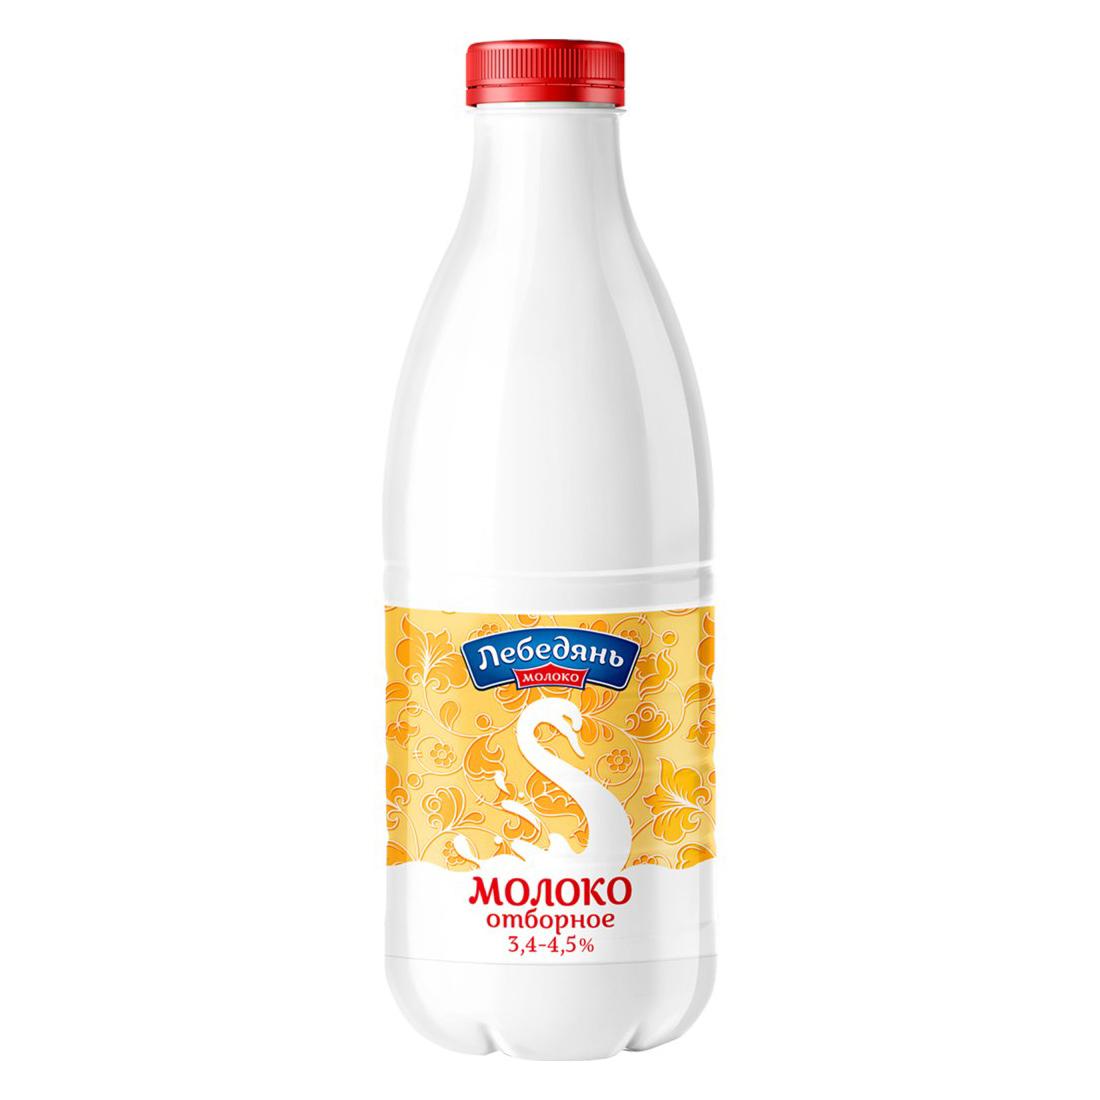 Фото - Молоко Лебедянь молоко Отборное пастеризованное 3,4 - 4,5% 900 мл молоко